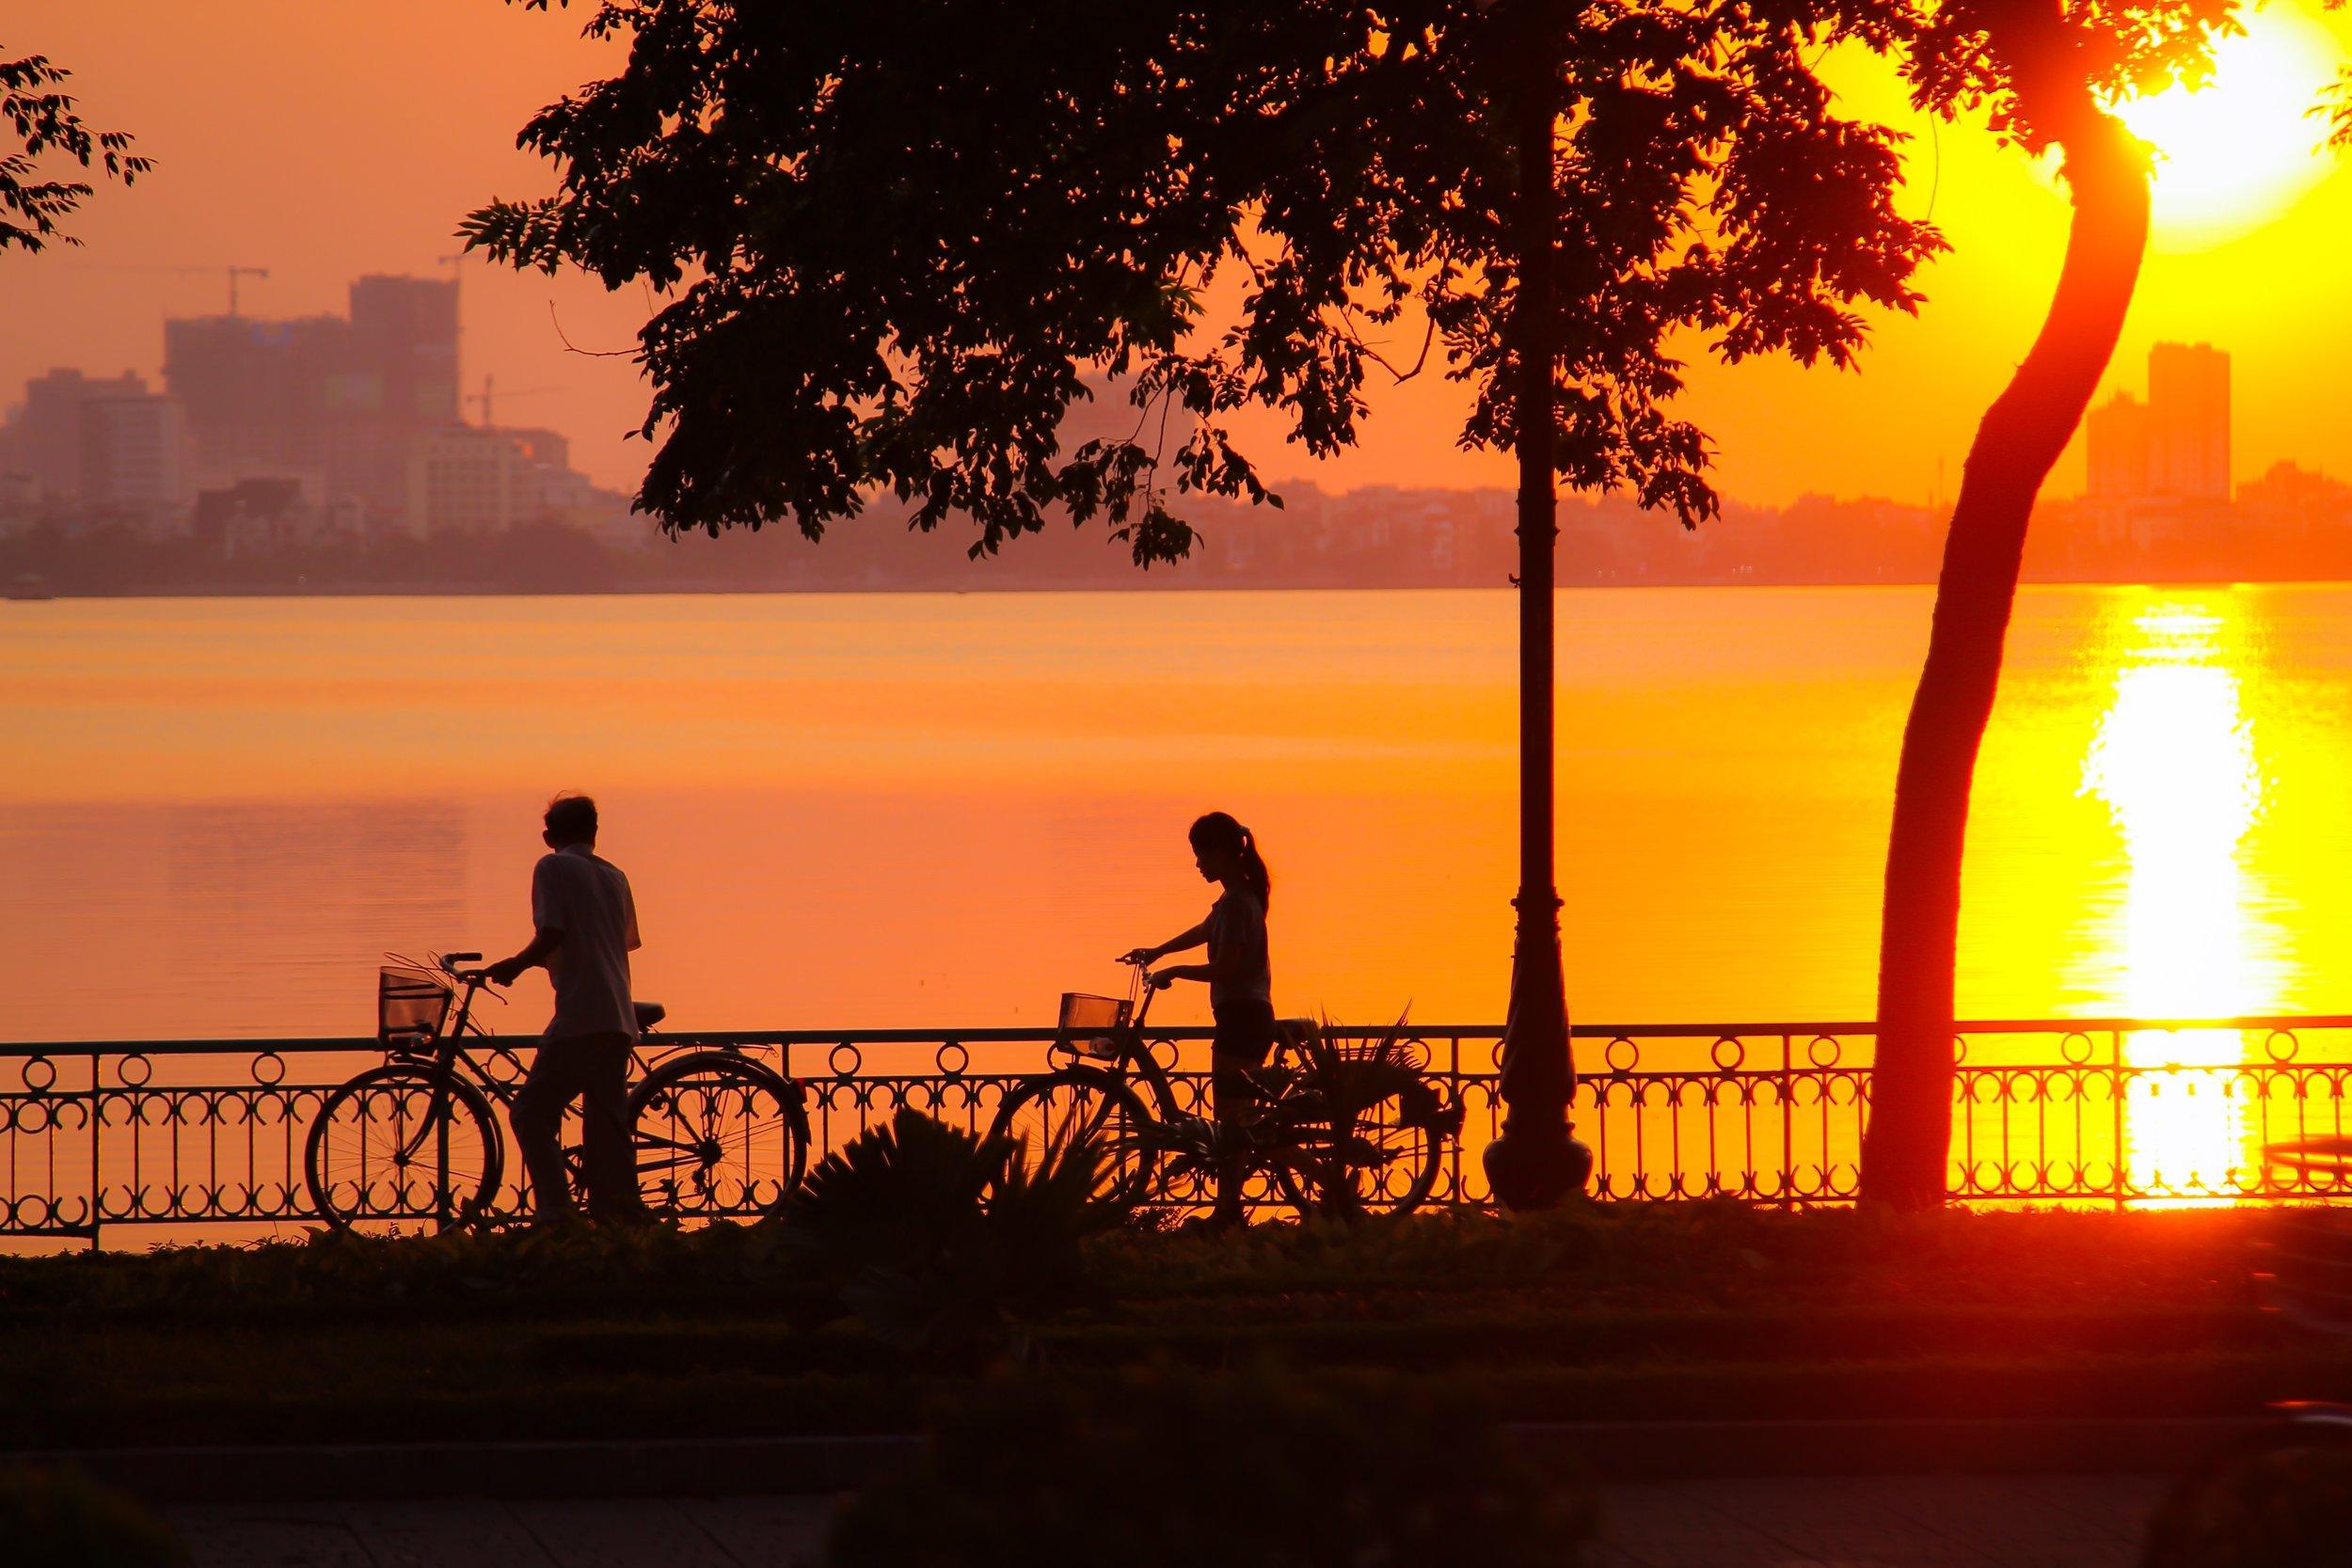 3 Weeks in Vietnam - Lakes in Hanoi, Vietnam